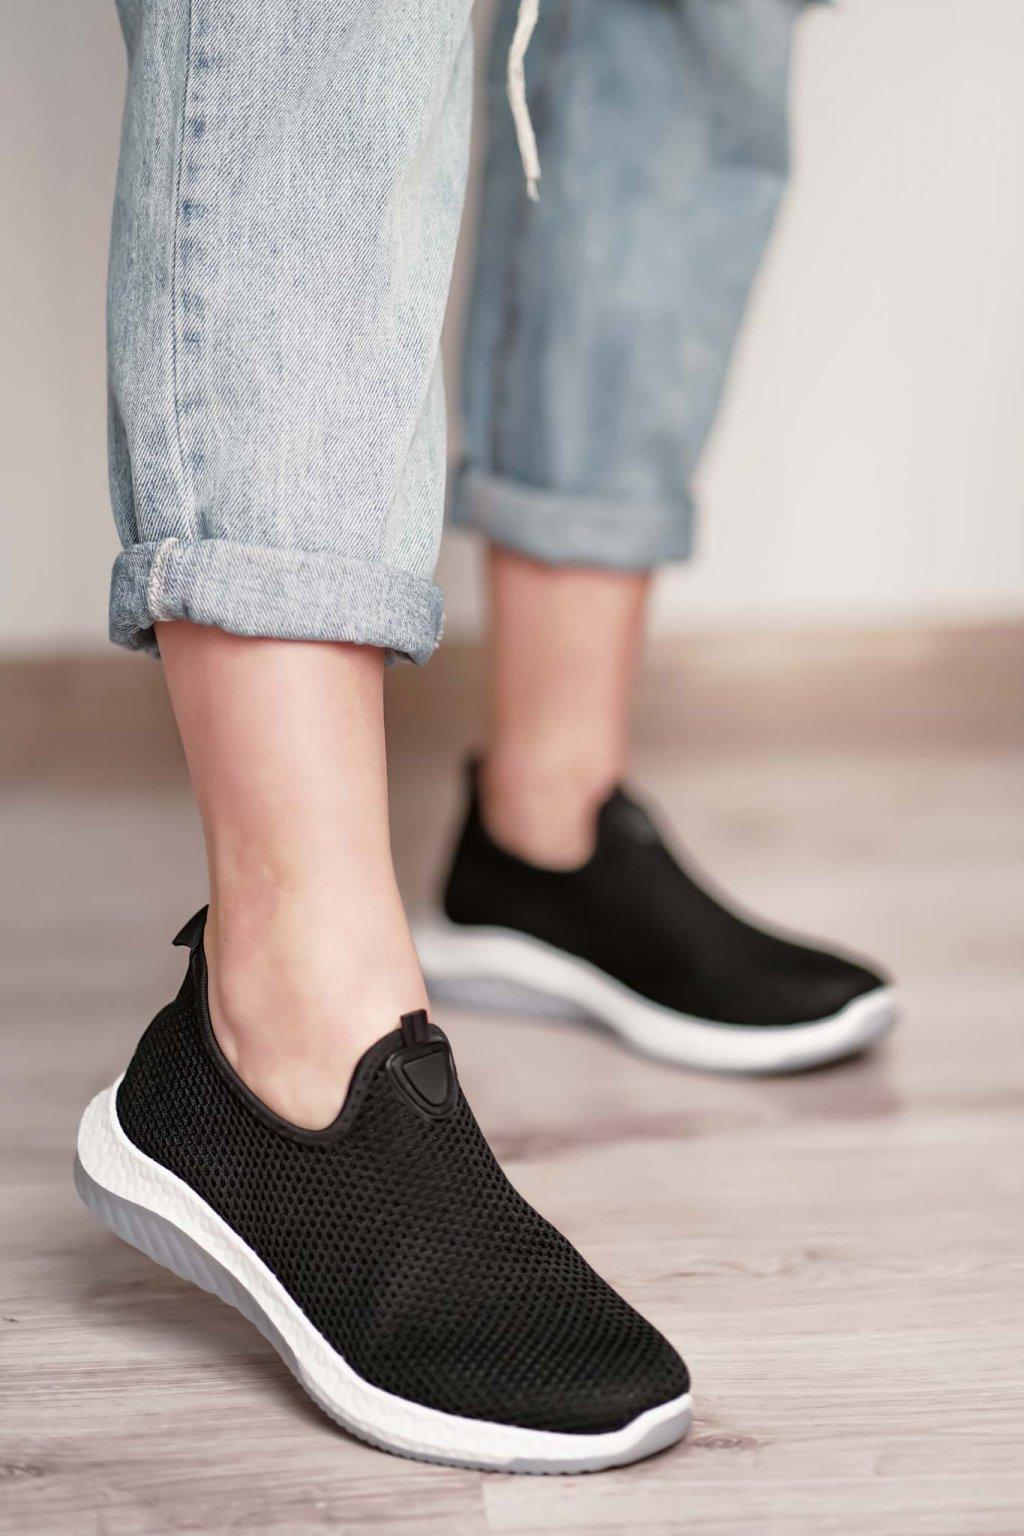 topánky, obuv, tenisky, botasky, lodičky, čižmy, šľapky, sandálky 549